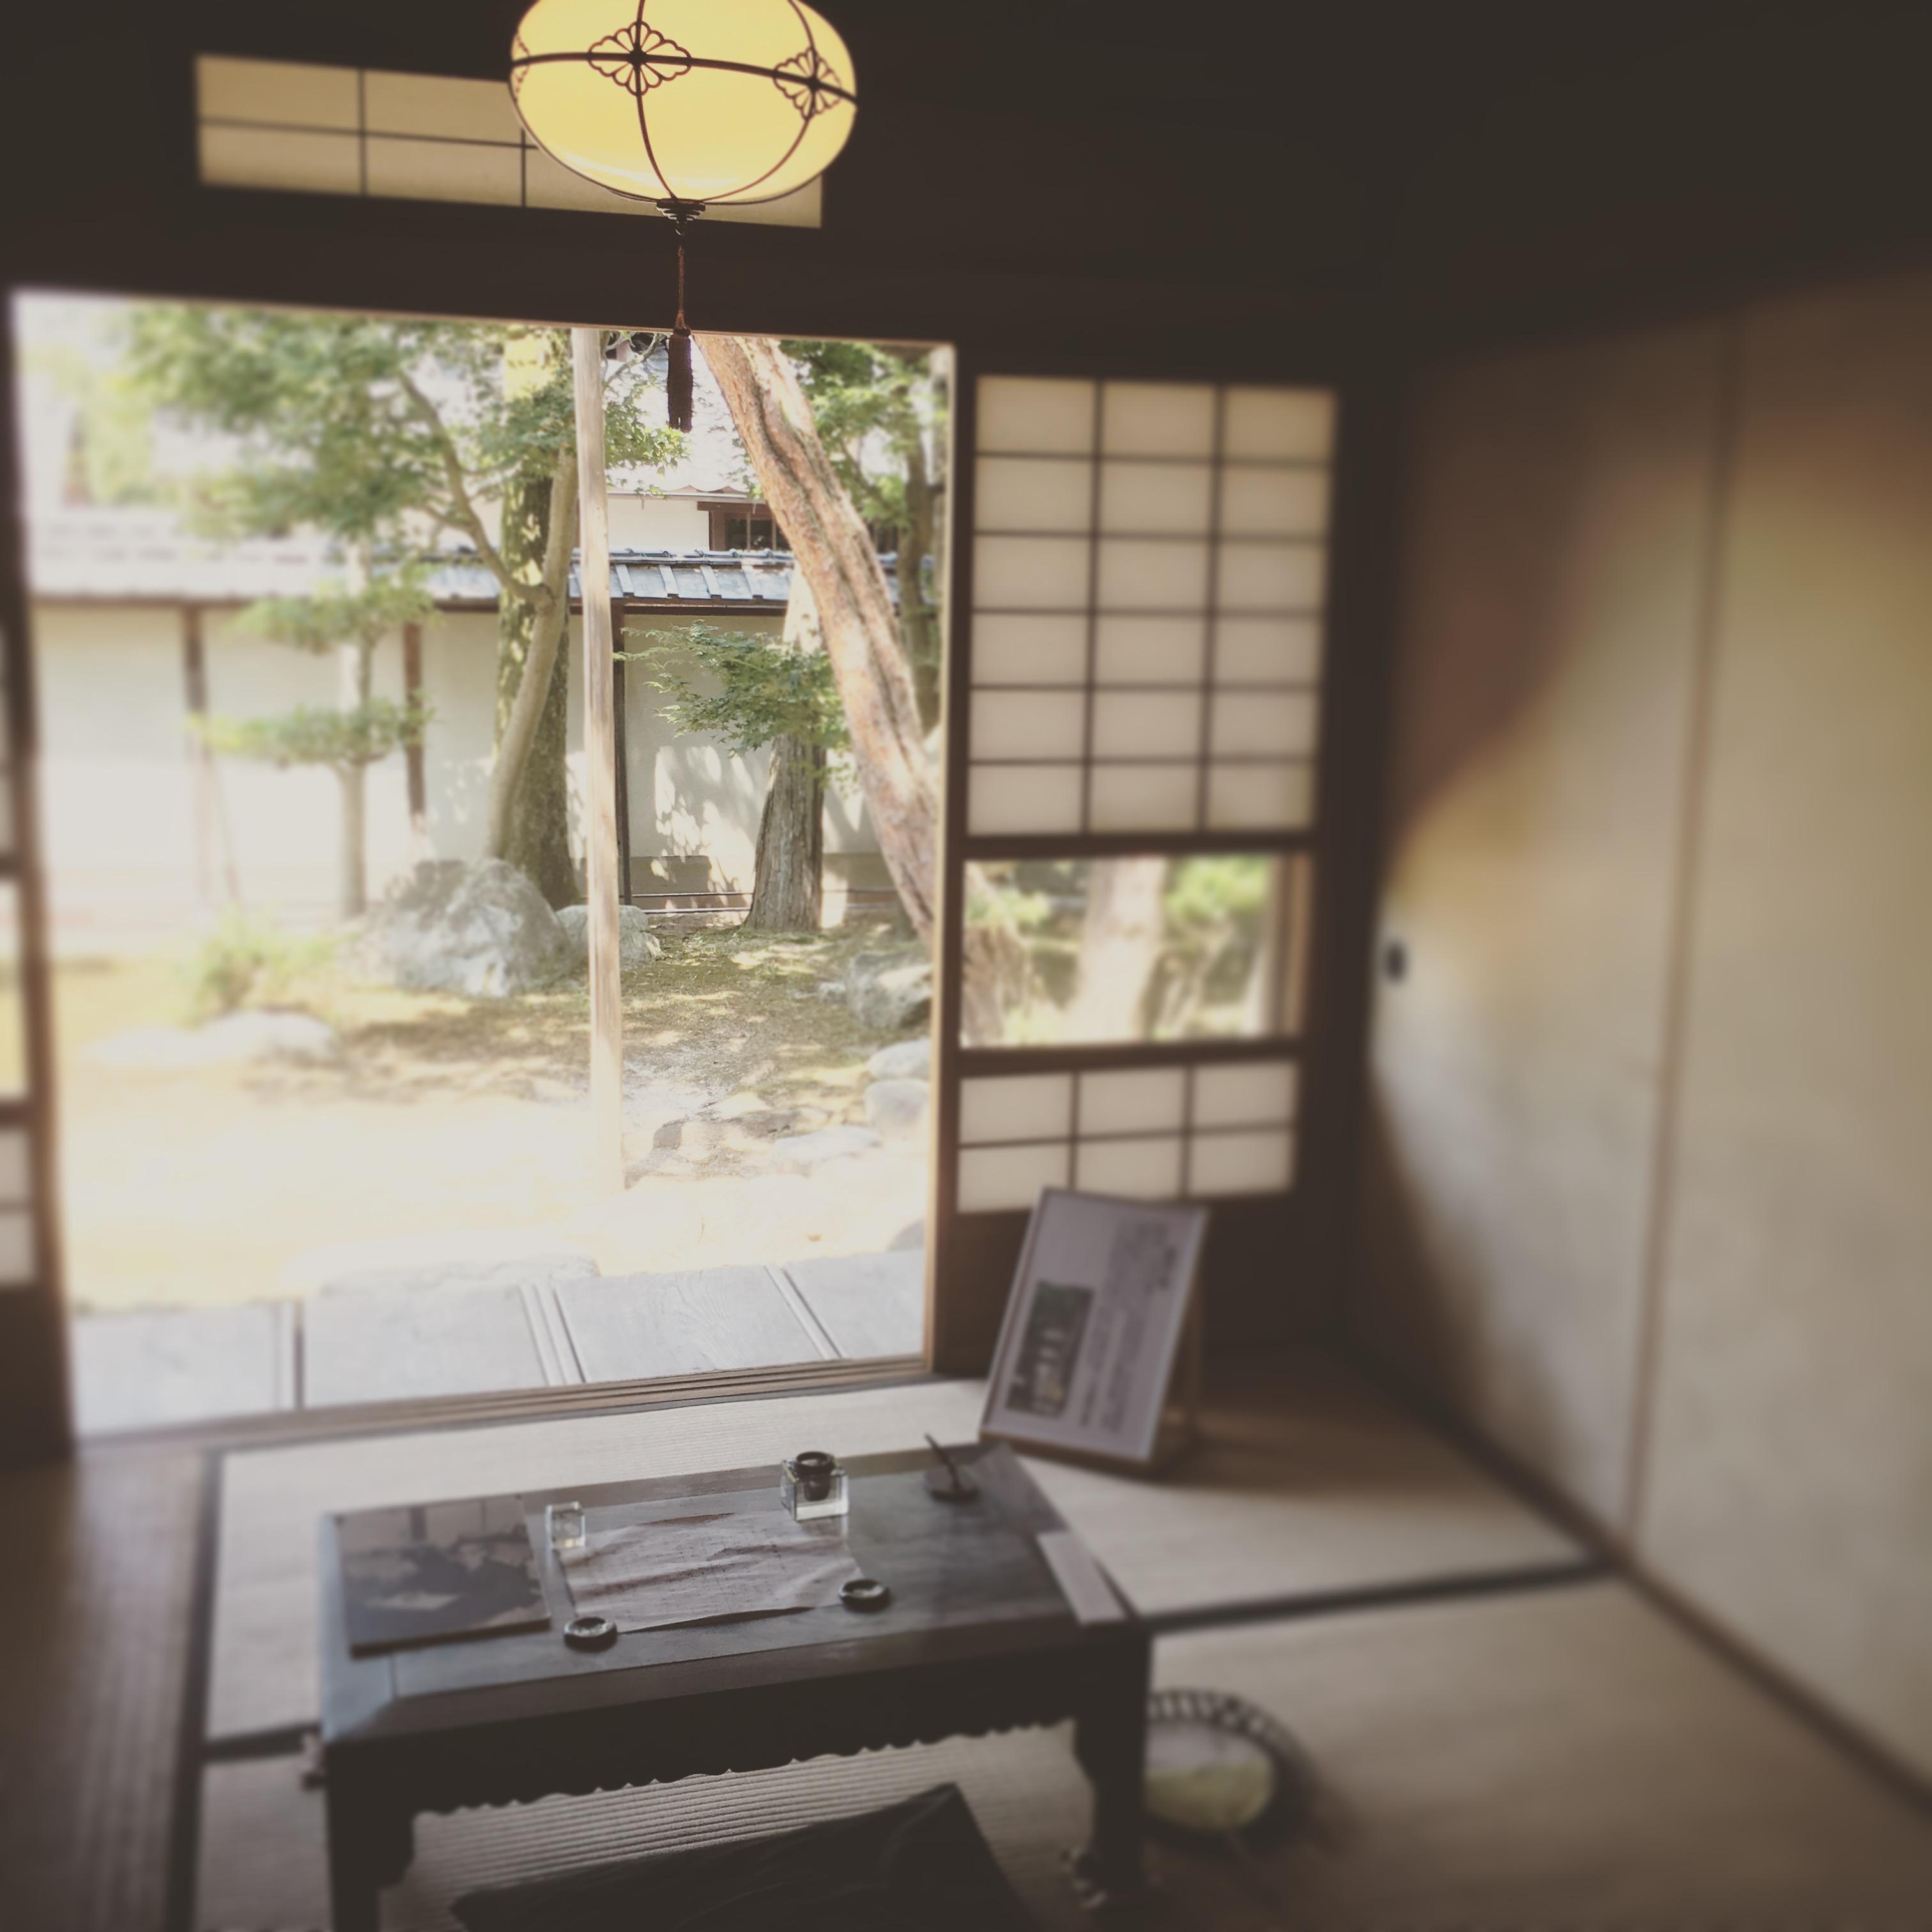 フォトコンテスト「#スキひがしおうみ市」